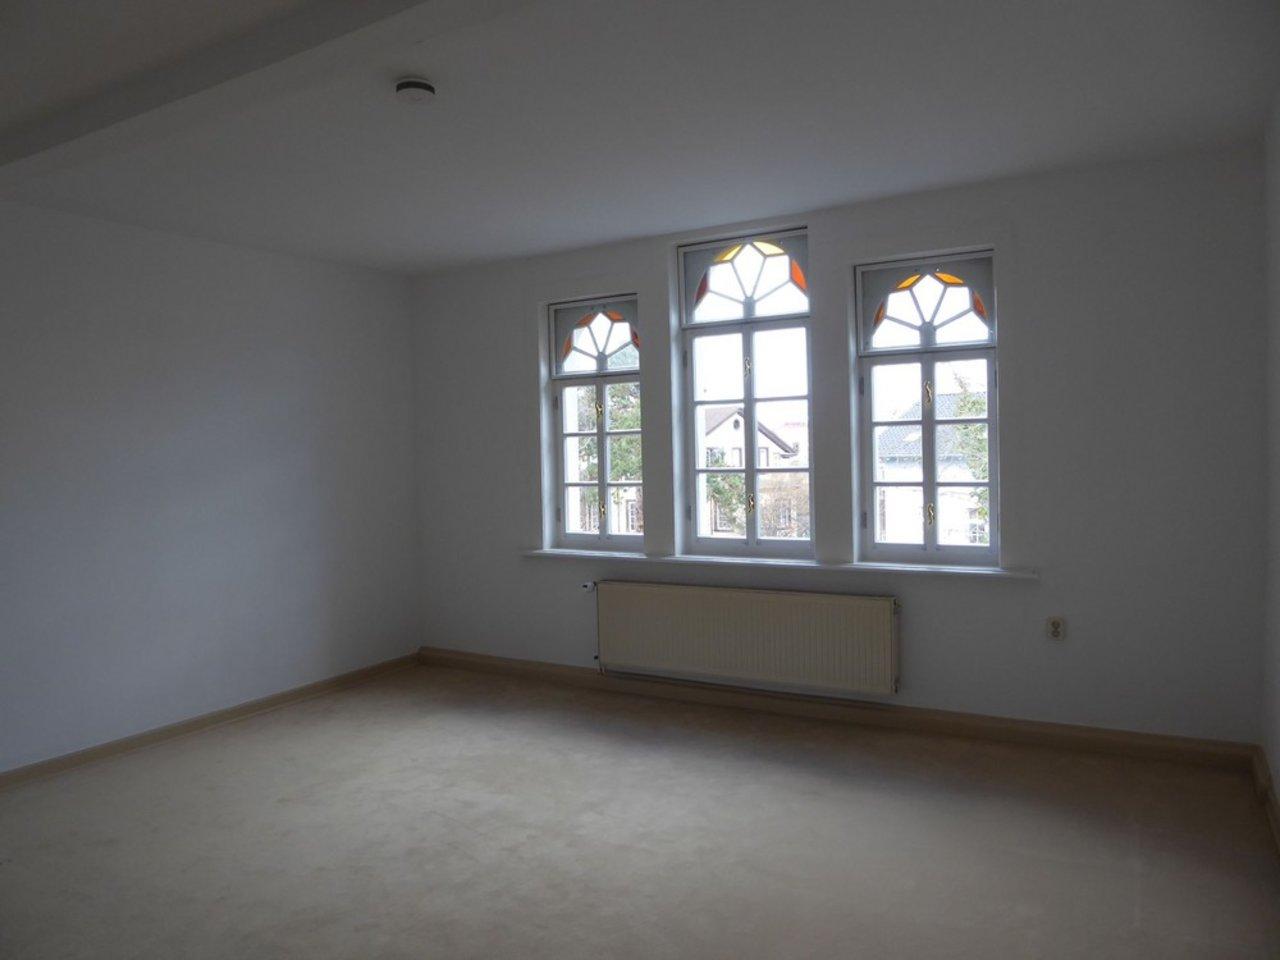 Reizvolle, großzügige DG-Wohnung mit viel Raum und individueller Gestaltung-Großes Zimmer